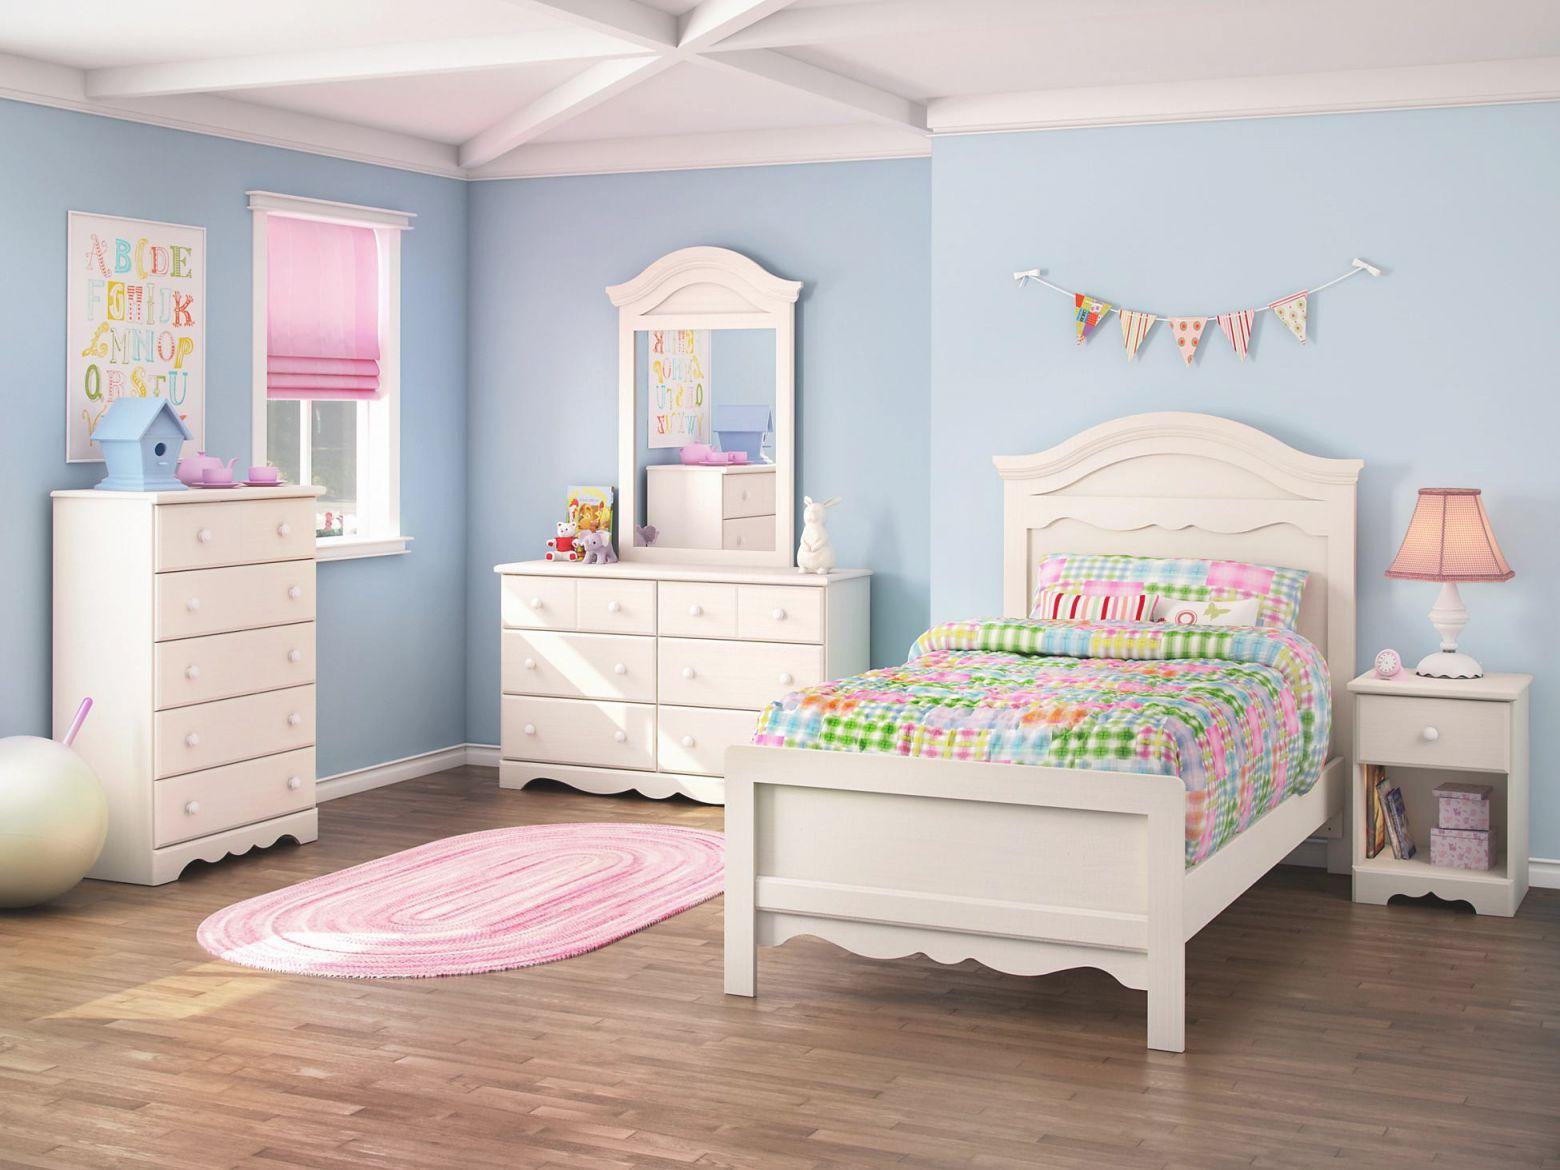 Bedroom Design : Teenage Girl Set Sets Cheap Full Size inside Twin Bedroom Furniture Set